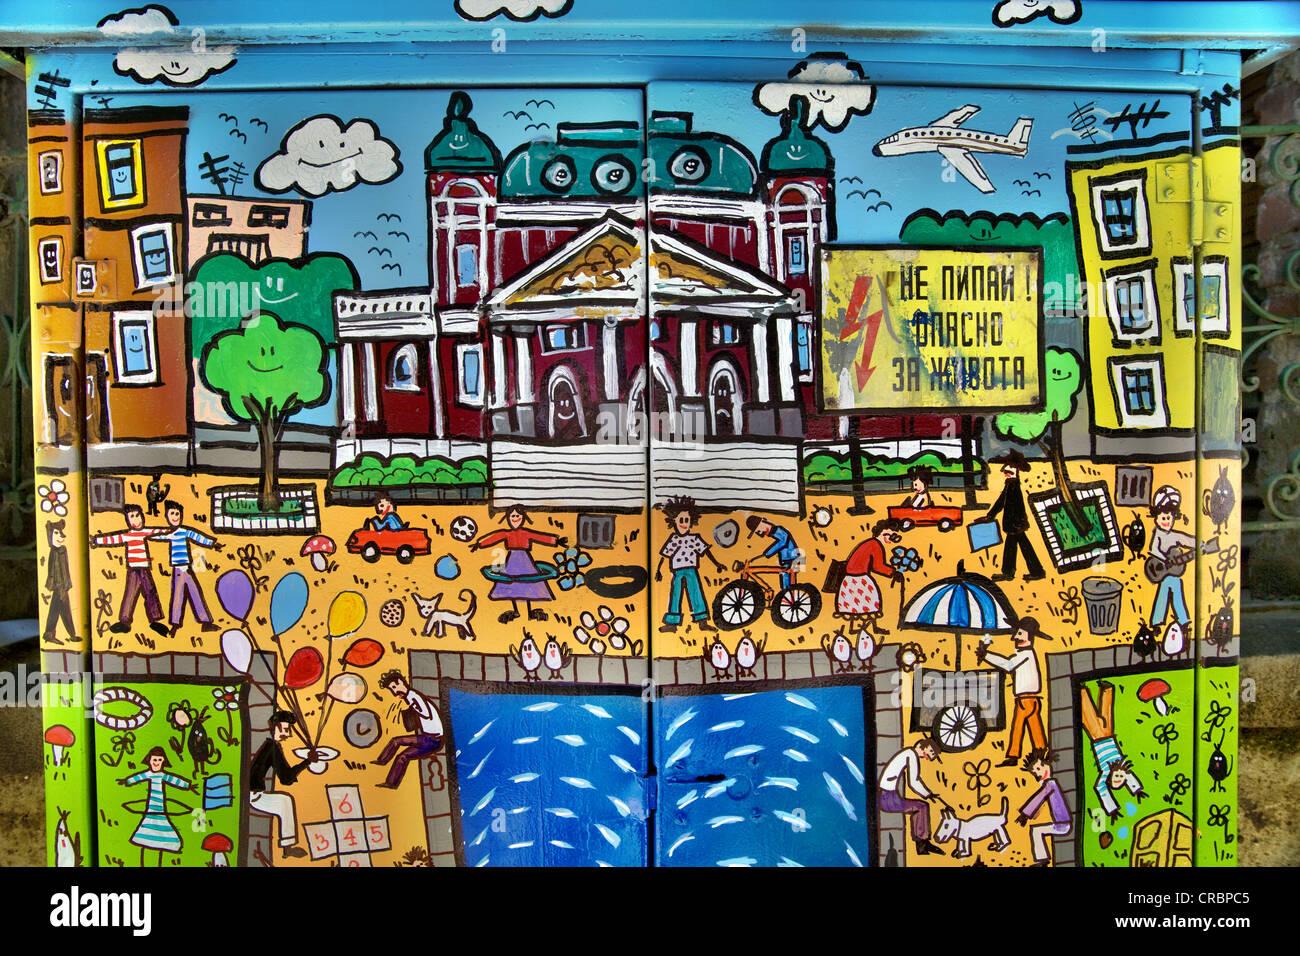 Sofia-Szenen-Graffiti auf Strom box in Sofia, Bulgarien Stockfoto